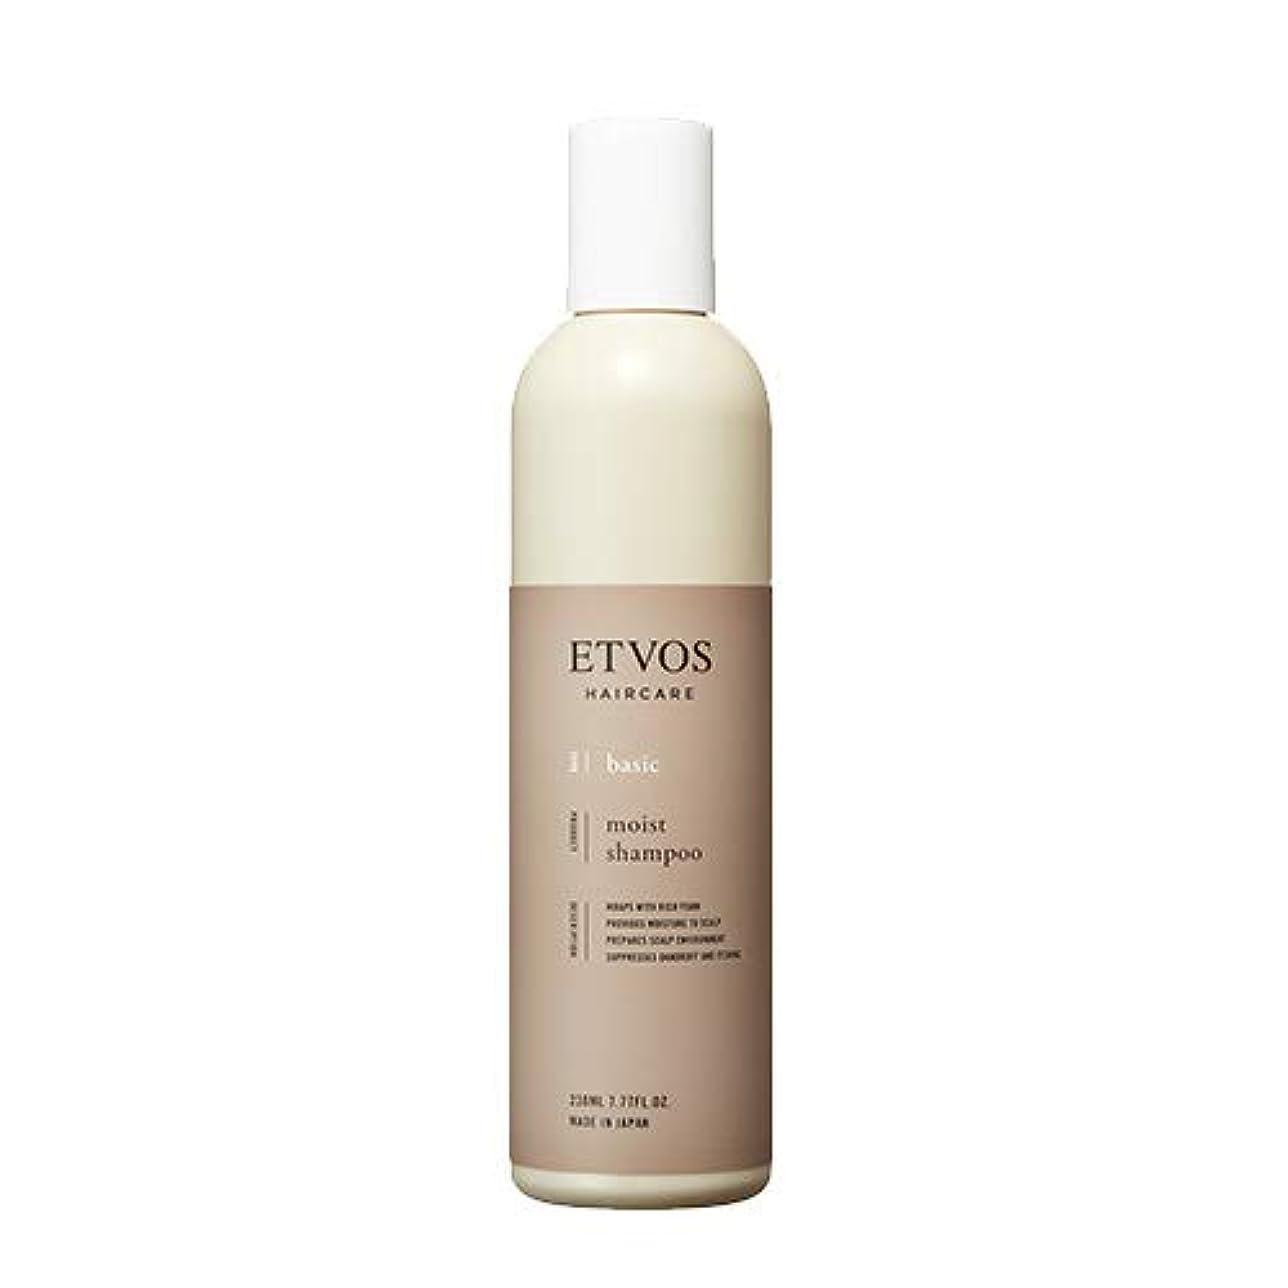 スナック保護感性ETVOS(エトヴォス) モイストシャンプー 230ml ノンシリコン/アミノ酸系/弱酸性/保湿 乾燥/フケ/かゆみ対策